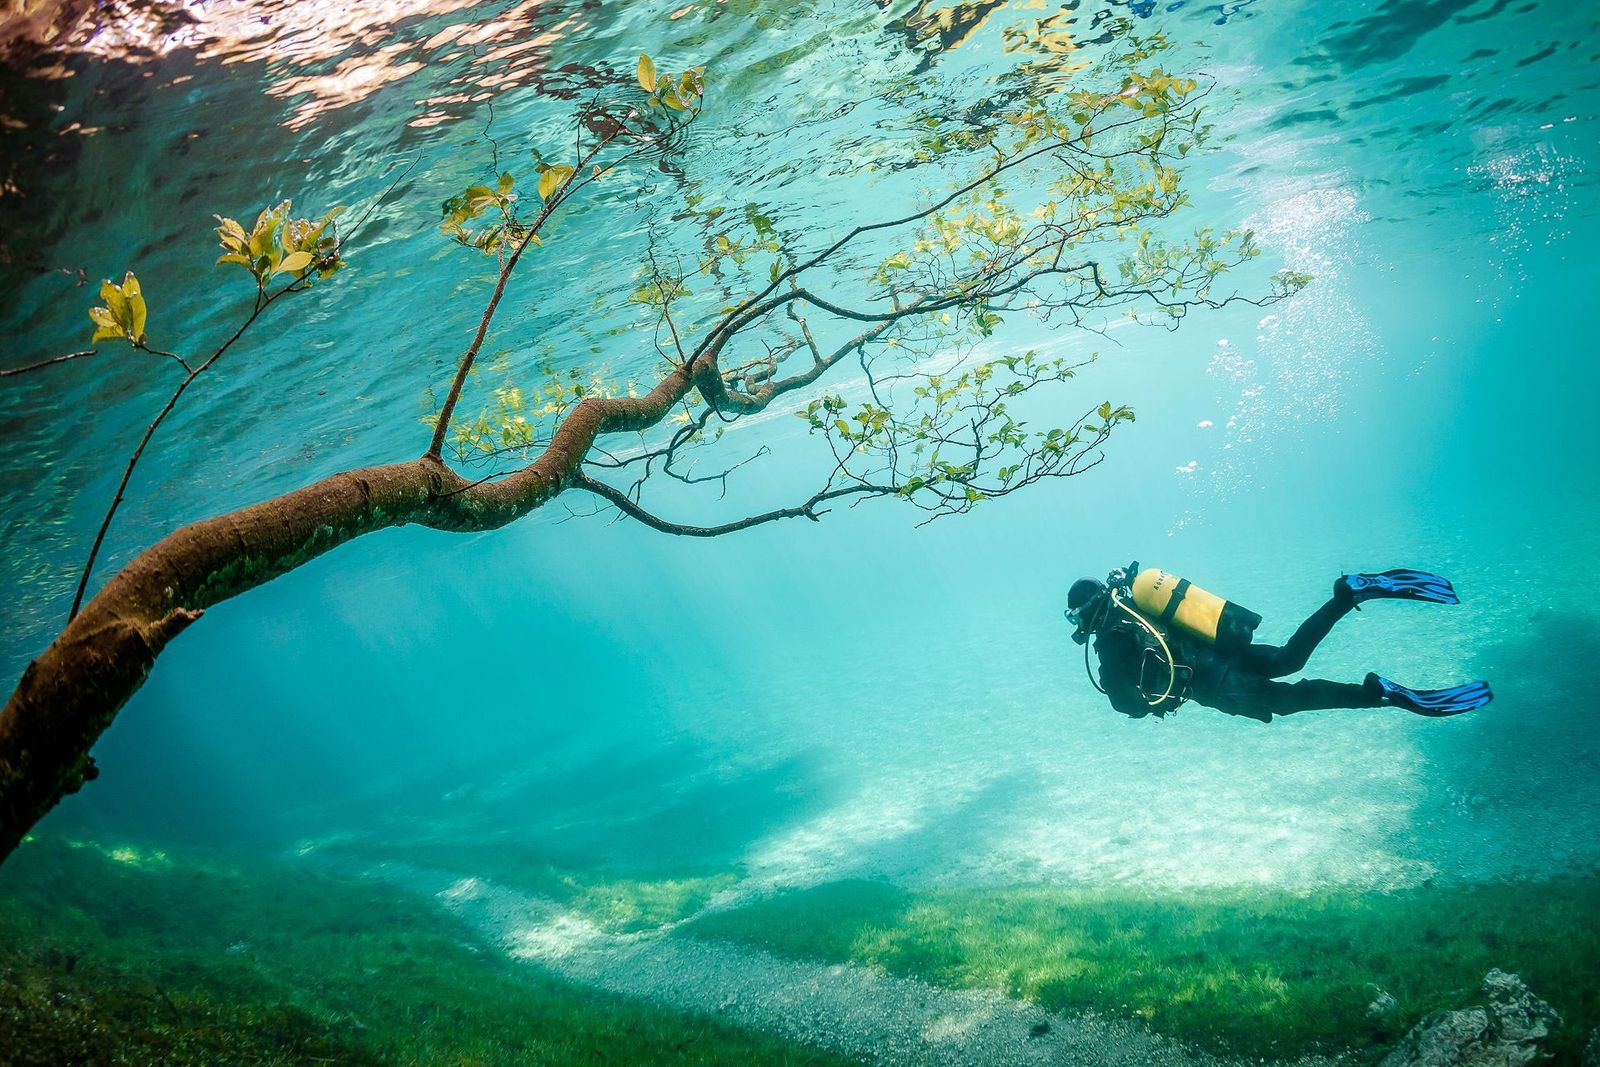 Comment rejoindre la communauté de photographes de National Geographic